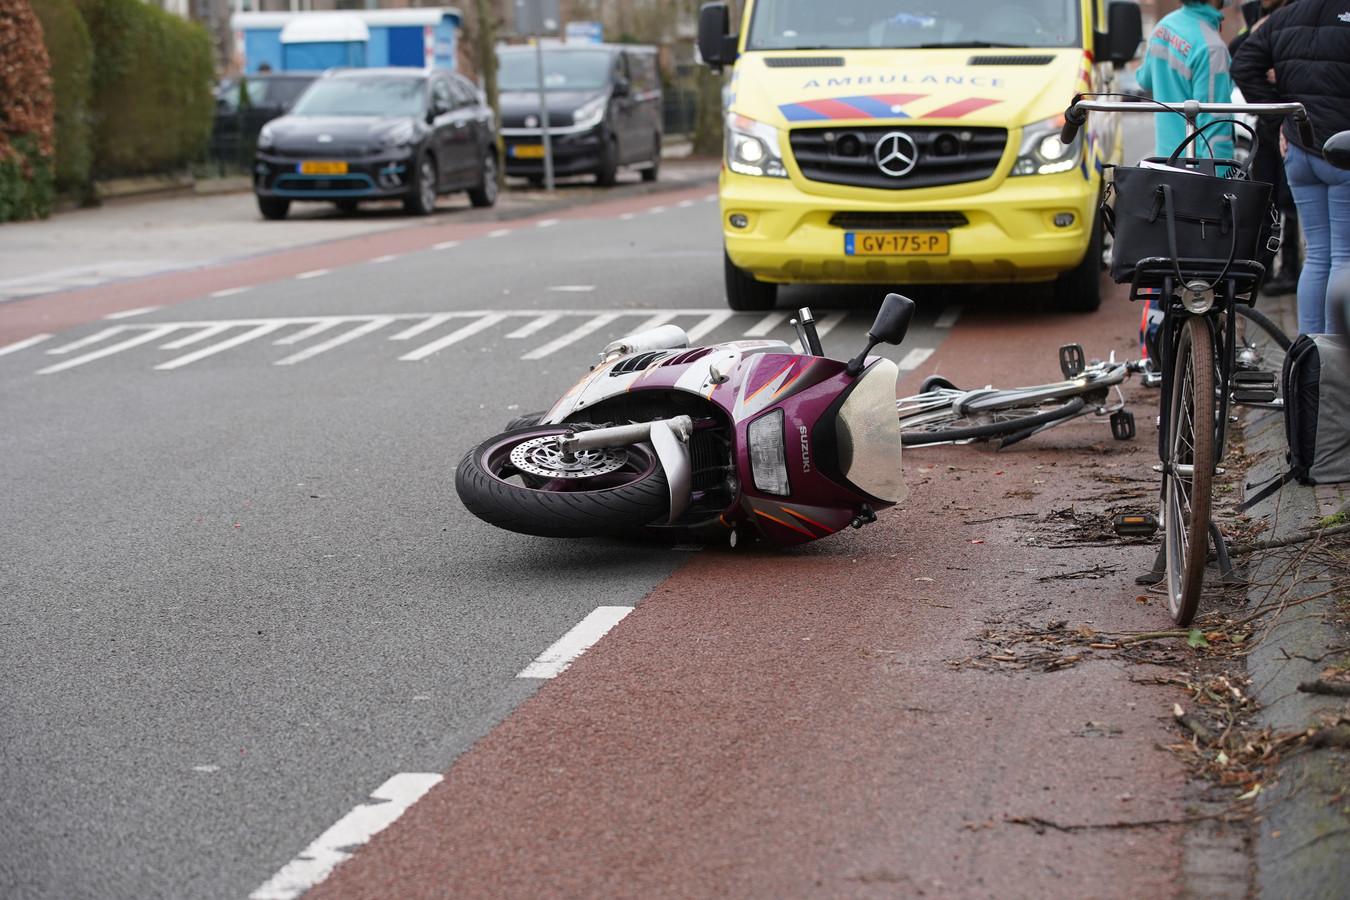 De motorrijder raakte gewond